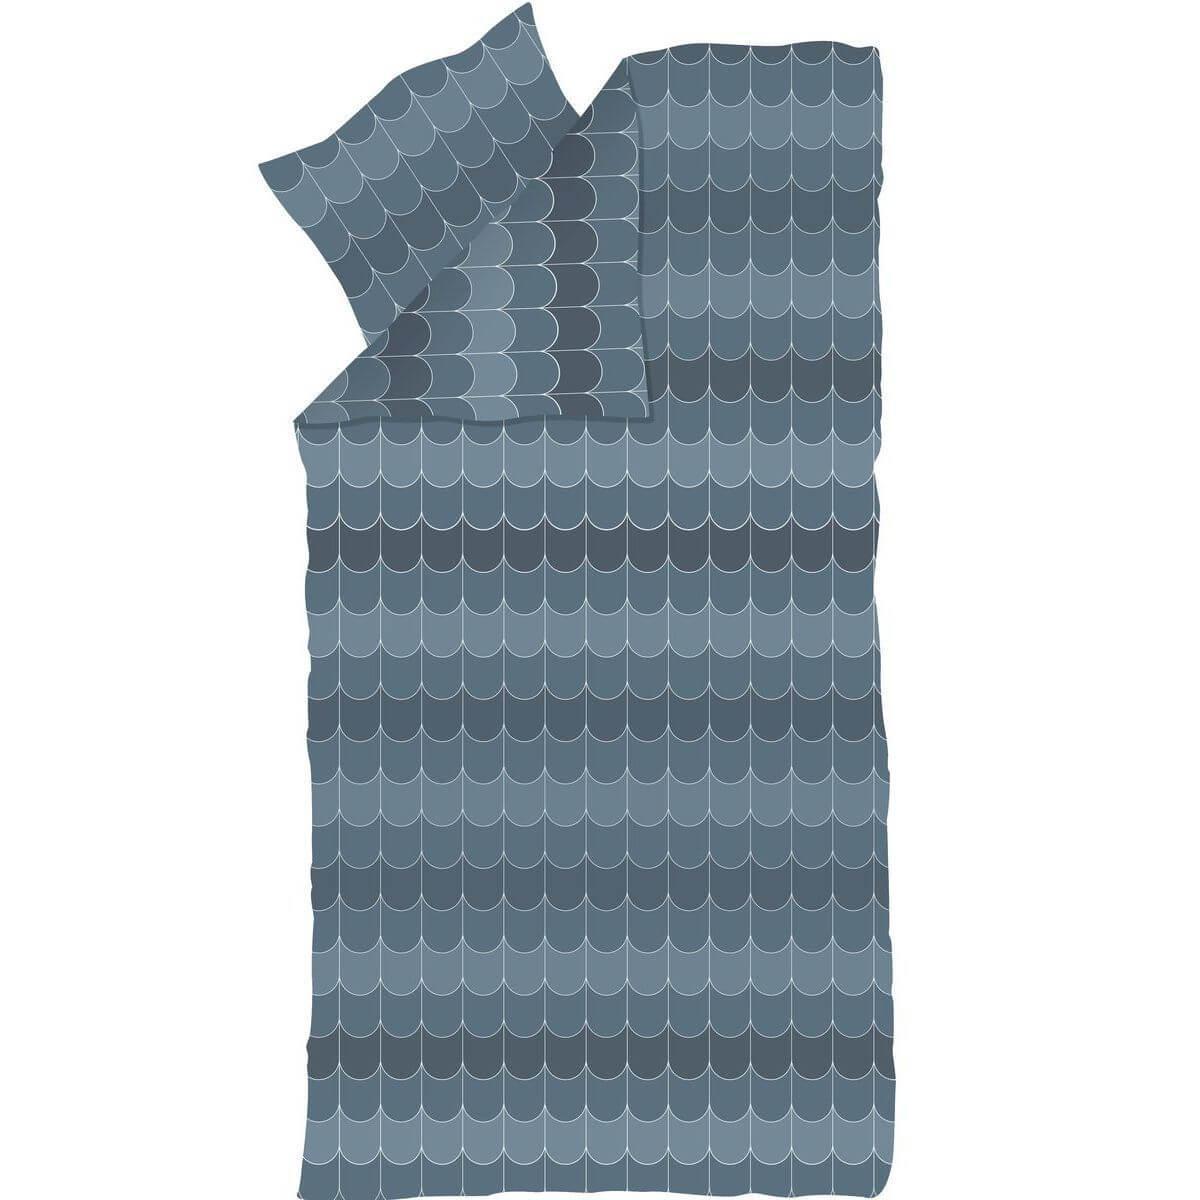 Kinder-Bettwäsche 140x200cm-Kissenbezug 80x80cm POPSICLE Flexa blueberry